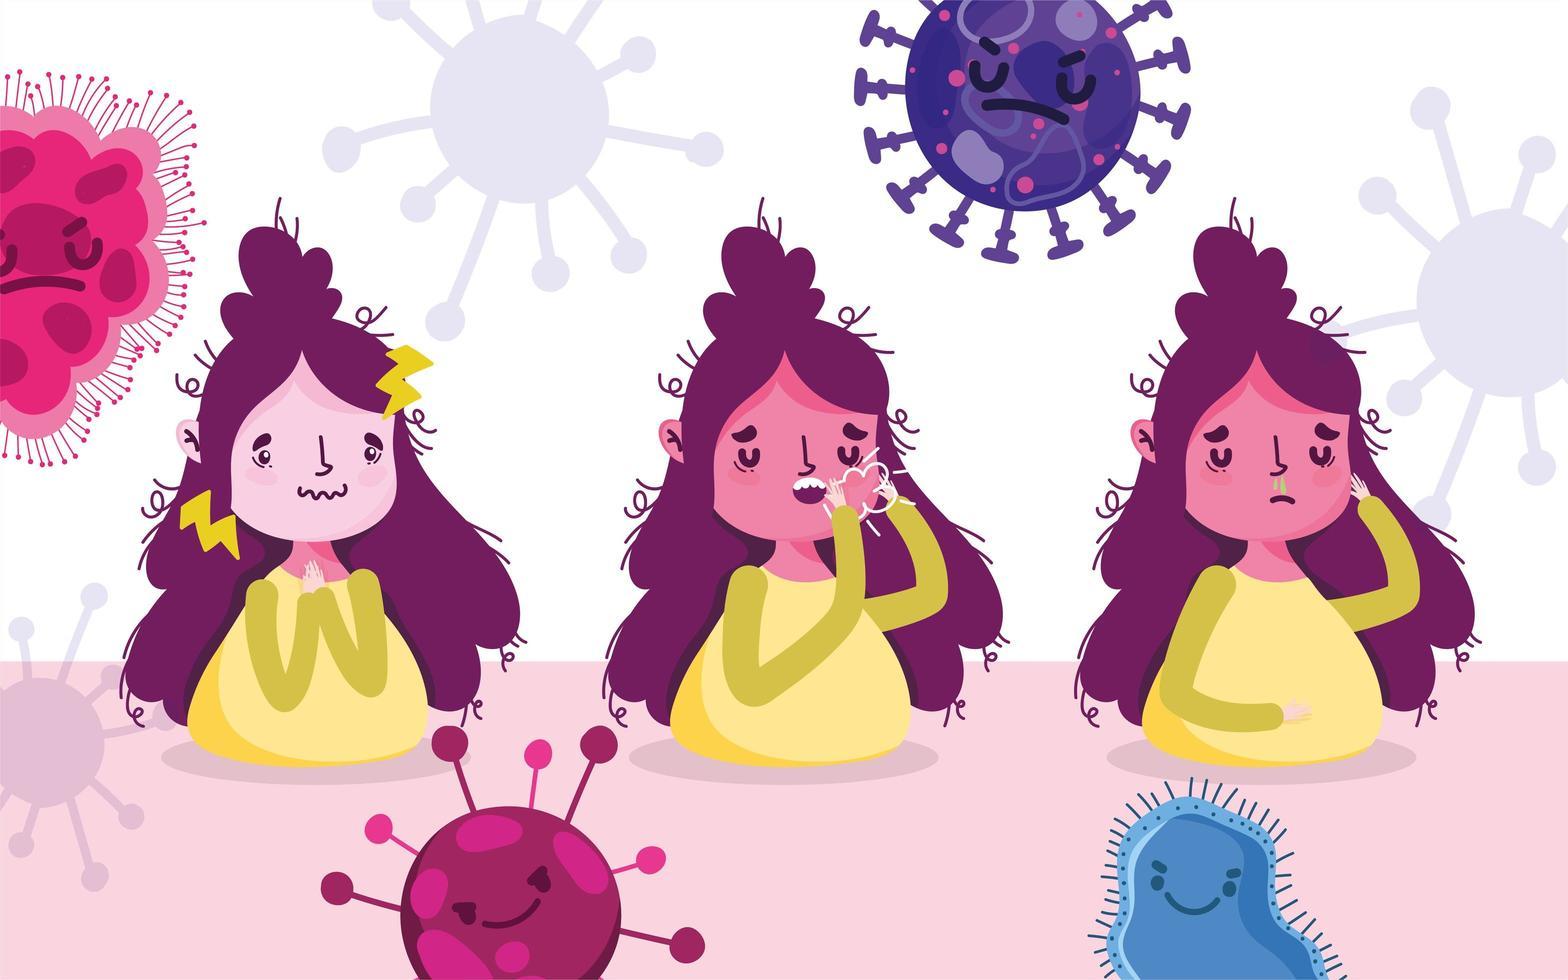 diseño de covid 19 pandemia con mujeres con síntomas vector